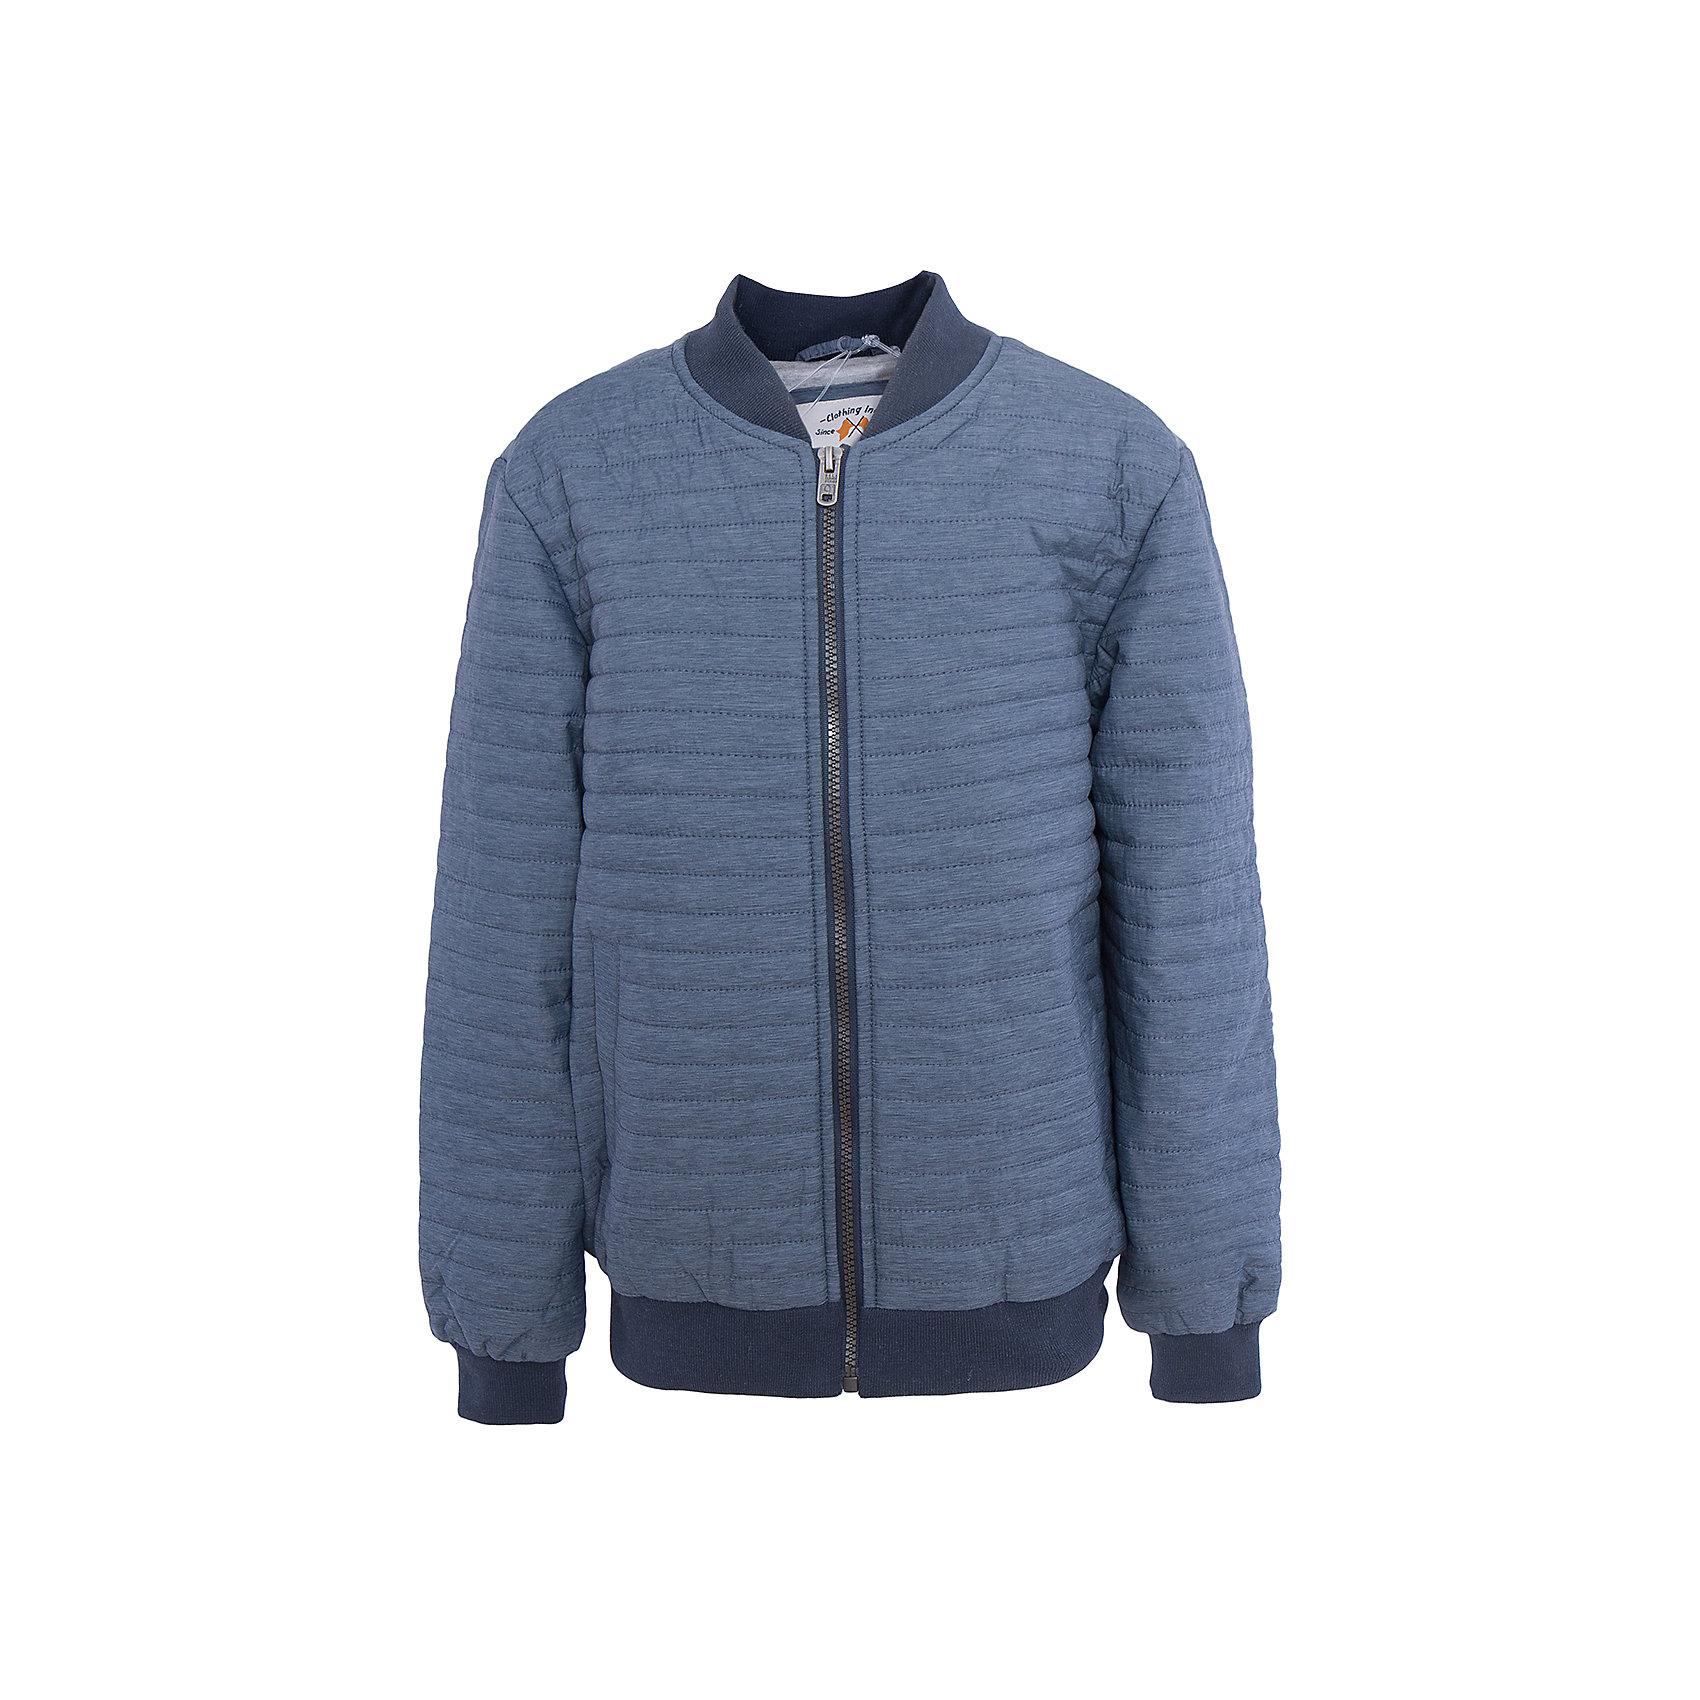 Куртка для мальчика SELAВерхняя одежда<br>Характеристики товара:<br><br>• цвет: синий<br>• сезон: демисезон<br>• состав: 100% нейлон; подкладка: 50% хлопок, 50% ПЭ; подкладка рукава: 100% ПЭ; утеплитель: 100% ПЭ; отделка: 100% ПЭ<br>• манжеты<br>• длинные рукава<br>• легкая<br>•  молния<br>• страна бренда: Россия<br><br>Вещи из новой коллекции SELA продолжают радовать удобством! Стильная легкая куртка для  мальчика поможет разнообразить гардероб ребенка и обеспечить комфорт в прохладную погоду. Она отлично сочетается с юбками и брюками.<br><br>Одежда, обувь и аксессуары от российского бренда SELA не зря пользуются большой популярностью у детей и взрослых! Модели этой марки - стильные и удобные, цена при этом неизменно остается доступной. Для их производства используются только безопасные, качественные материалы и фурнитура. <br><br>Куртку для  мальчика от популярного бренда SELA (СЕЛА) можно купить в нашем интернет-магазине.<br><br>Ширина мм: 356<br>Глубина мм: 10<br>Высота мм: 245<br>Вес г: 519<br>Цвет: синий<br>Возраст от месяцев: 84<br>Возраст до месяцев: 96<br>Пол: Мужской<br>Возраст: Детский<br>Размер: 128,140,152,116<br>SKU: 5305183